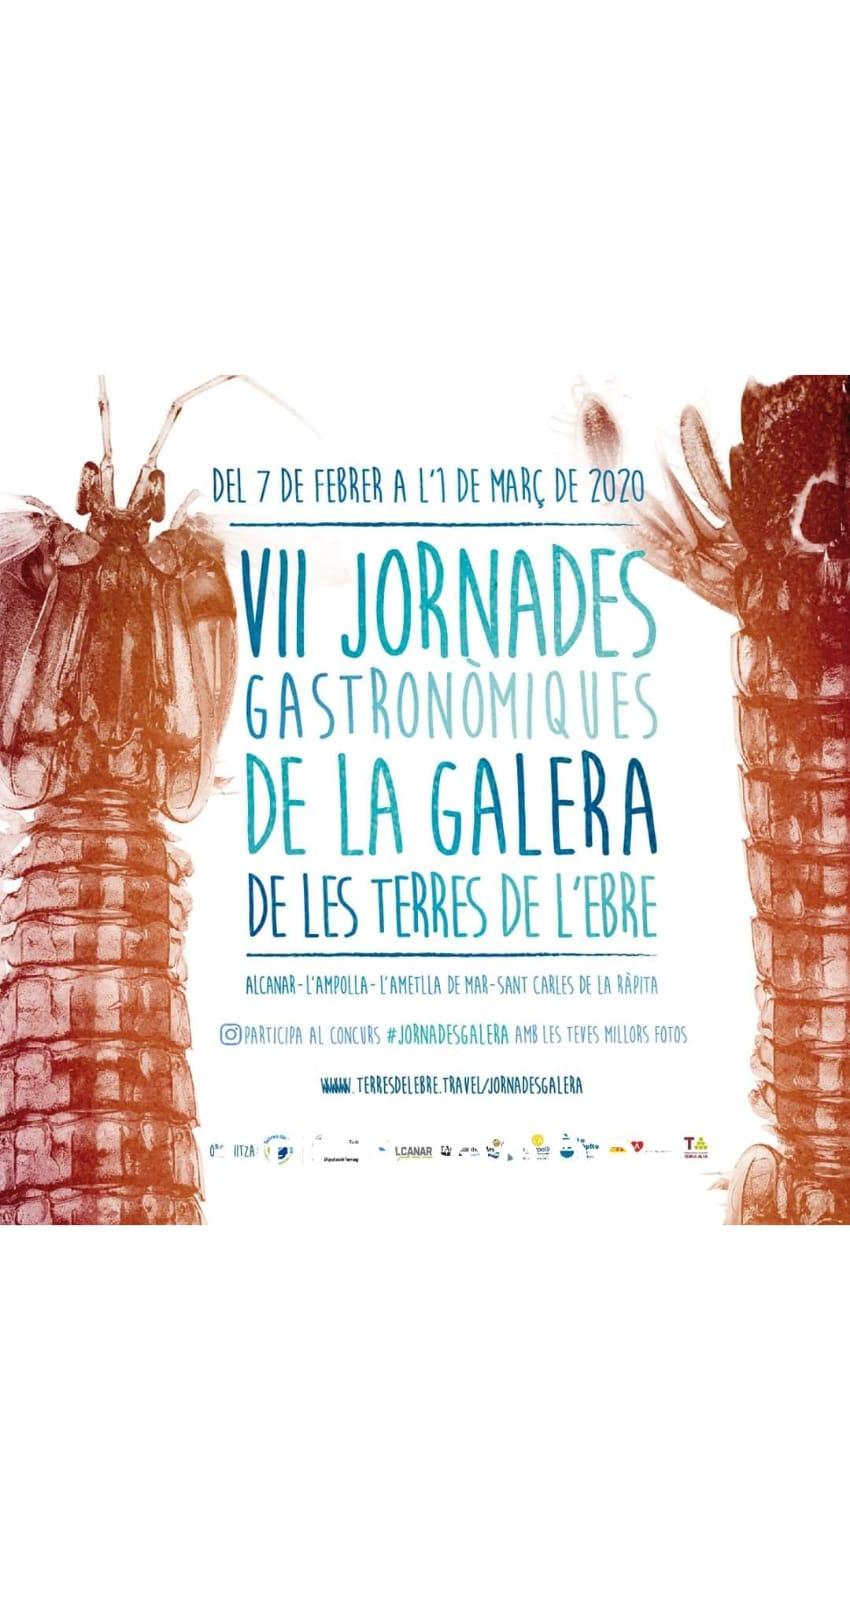 VII Jornades Gastronòmiques de la Galera  2020